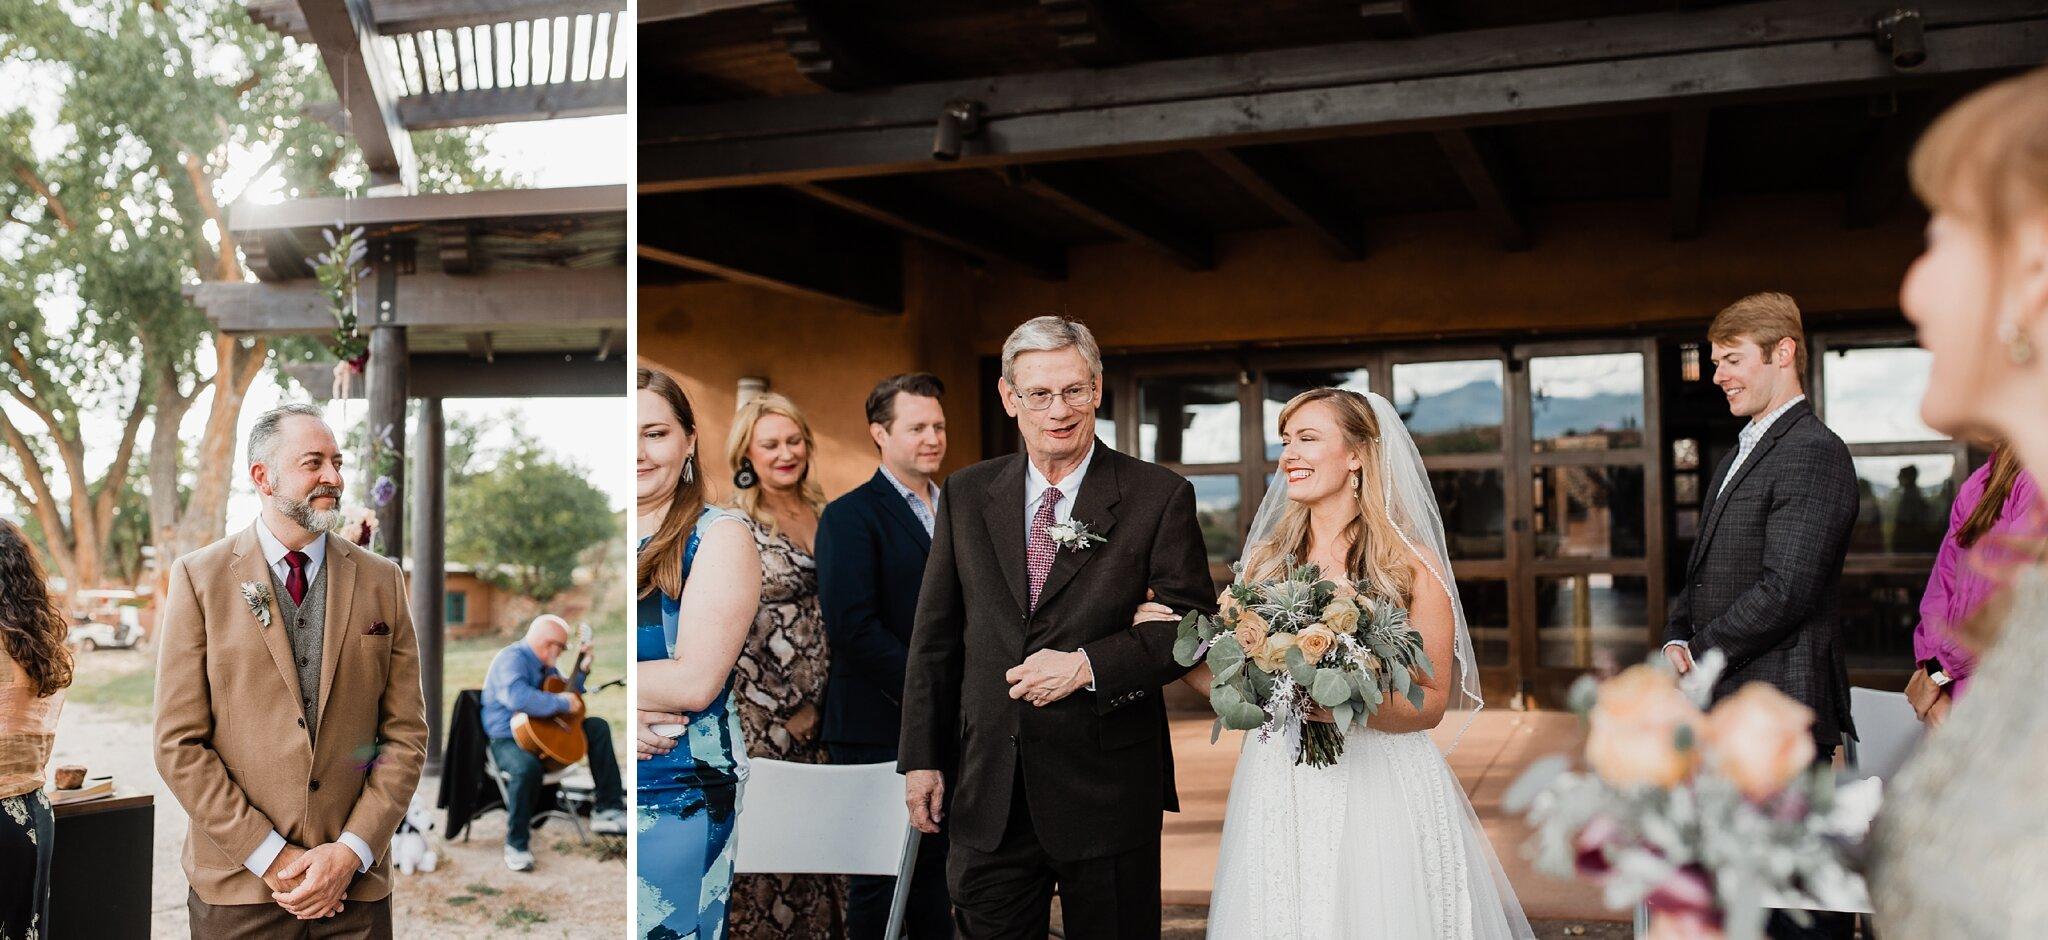 Alicia+lucia+photography+-+albuquerque+wedding+photographer+-+santa+fe+wedding+photography+-+new+mexico+wedding+photographer+-+new+mexico+wedding+-+wedding+-+santa+fe+wedding+-+ghost+ranch+-+ghost+ranch+wedding+-+fall+wedding_0029.jpg